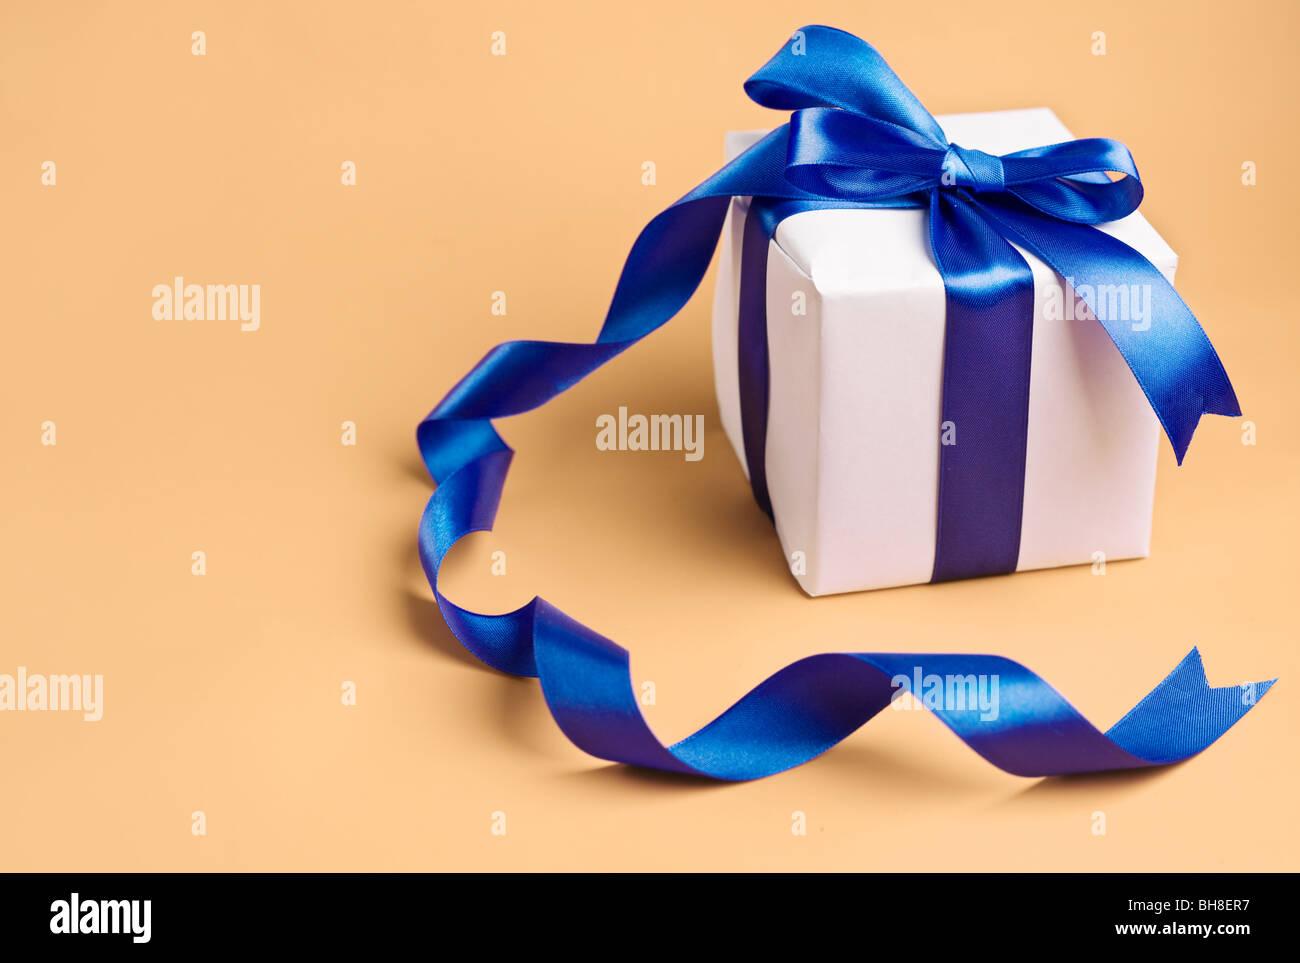 weiße Geschenk mit blauem Band auf einem Biege-Hintergrund Stockbild